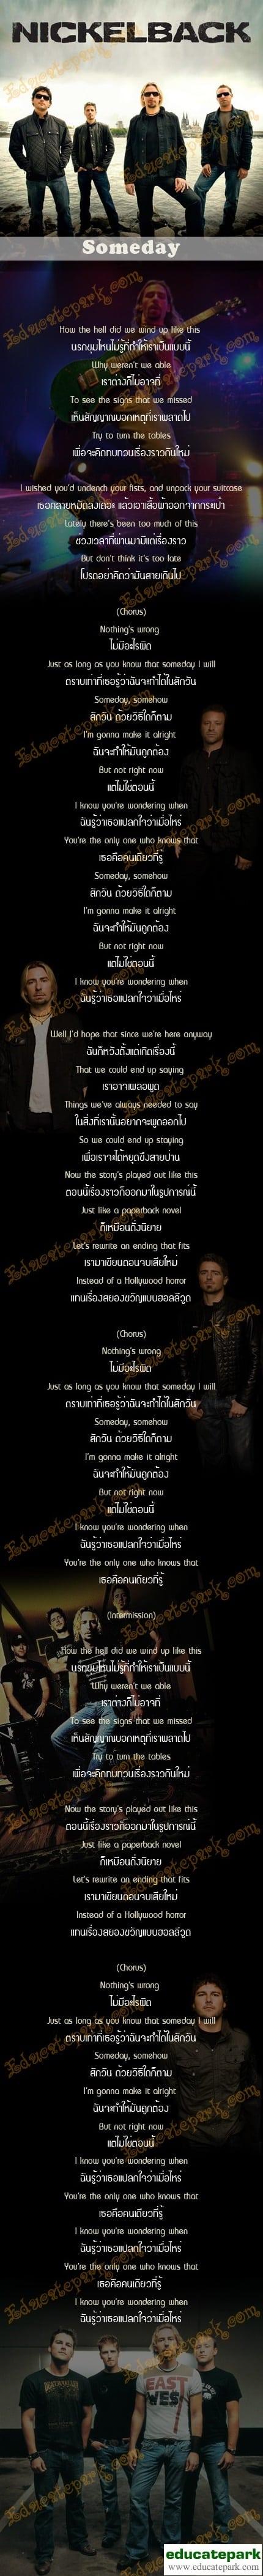 แปลเพลง Someday - Nickelback